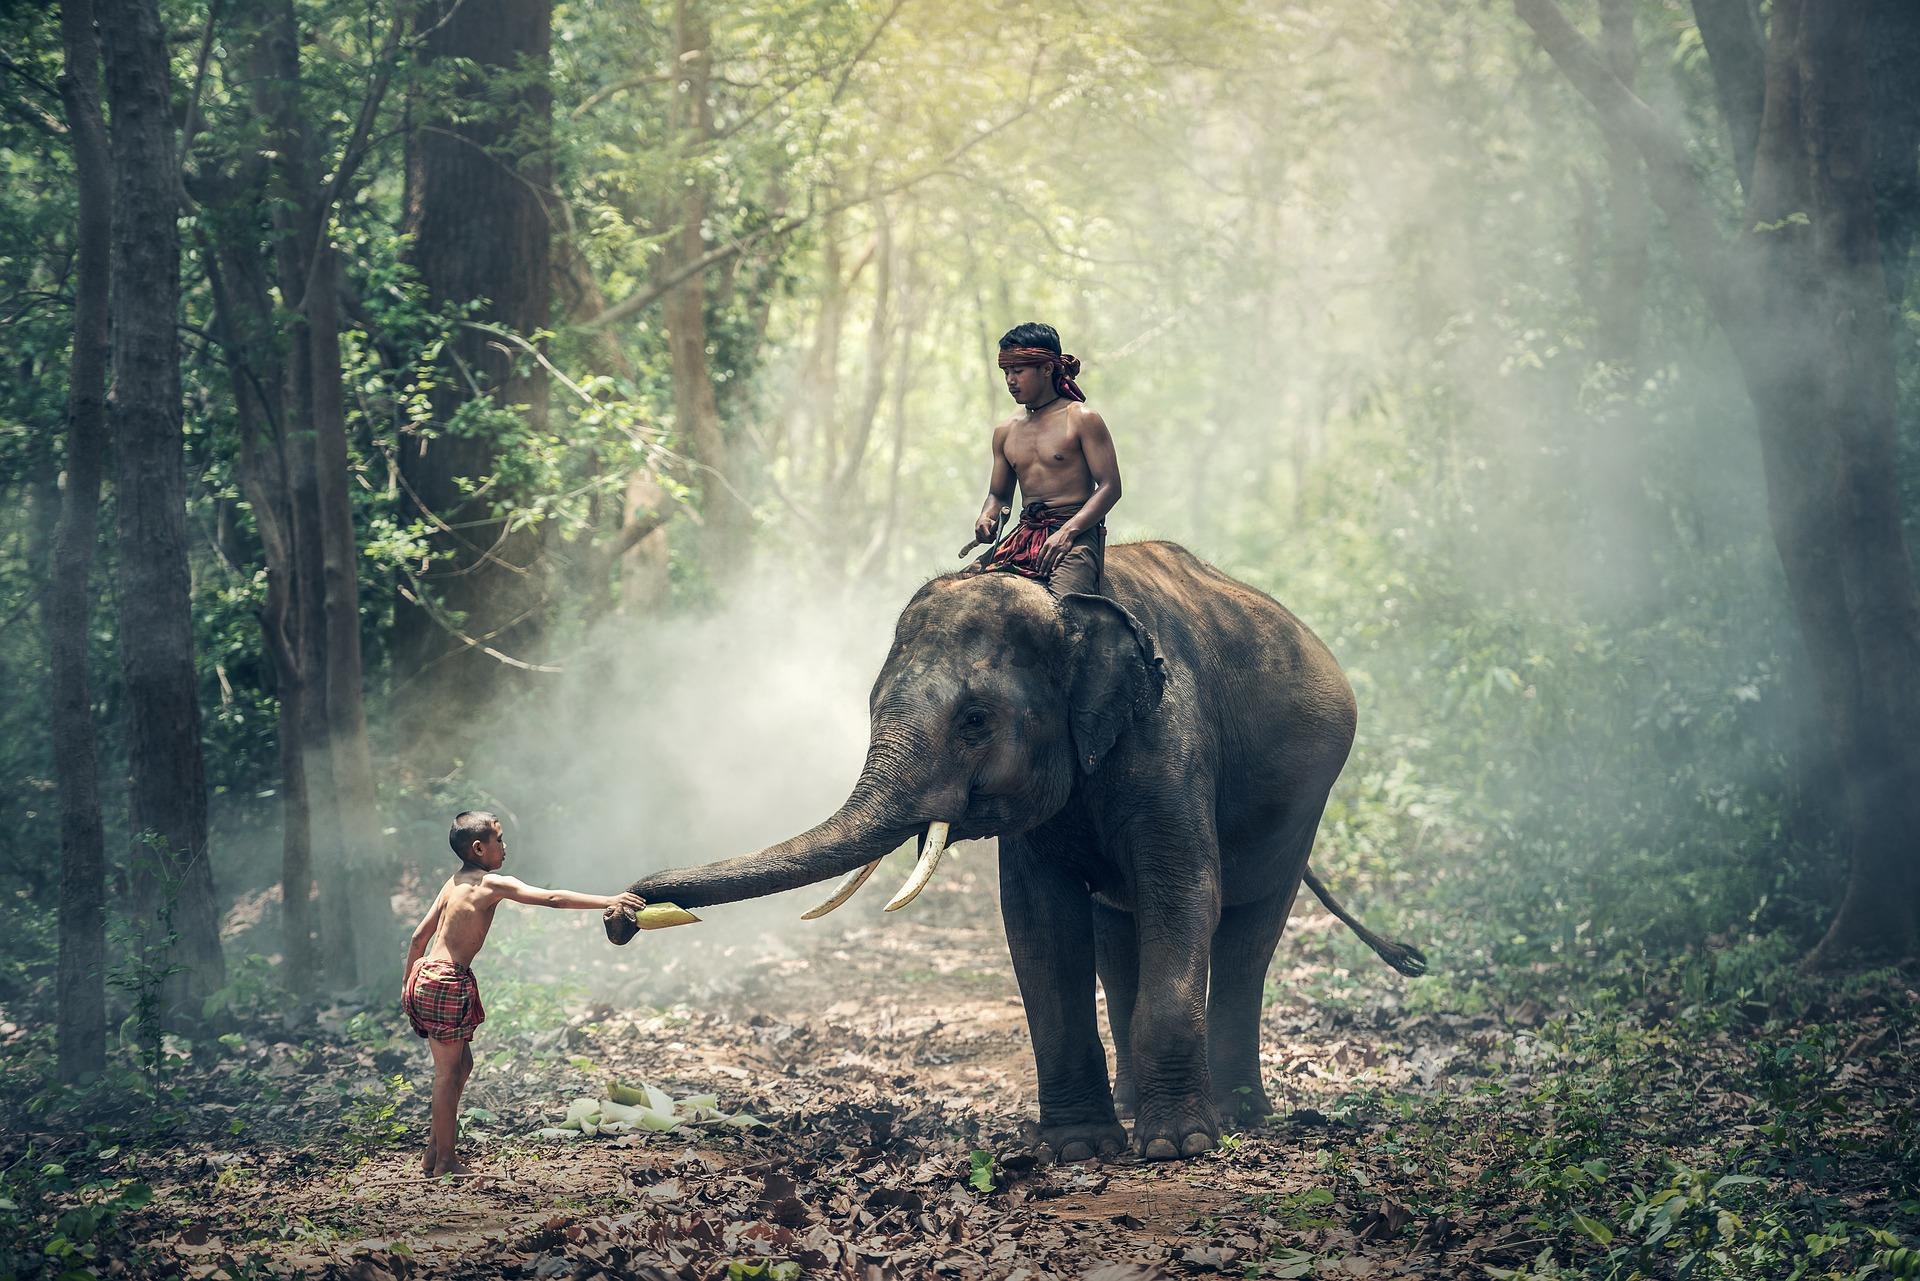 Unvorstellbar dieser Anblick für Europäer, ein Land in dem die Menschen im Einklang mit der Natur leben so wundervoll ist Kambodscha